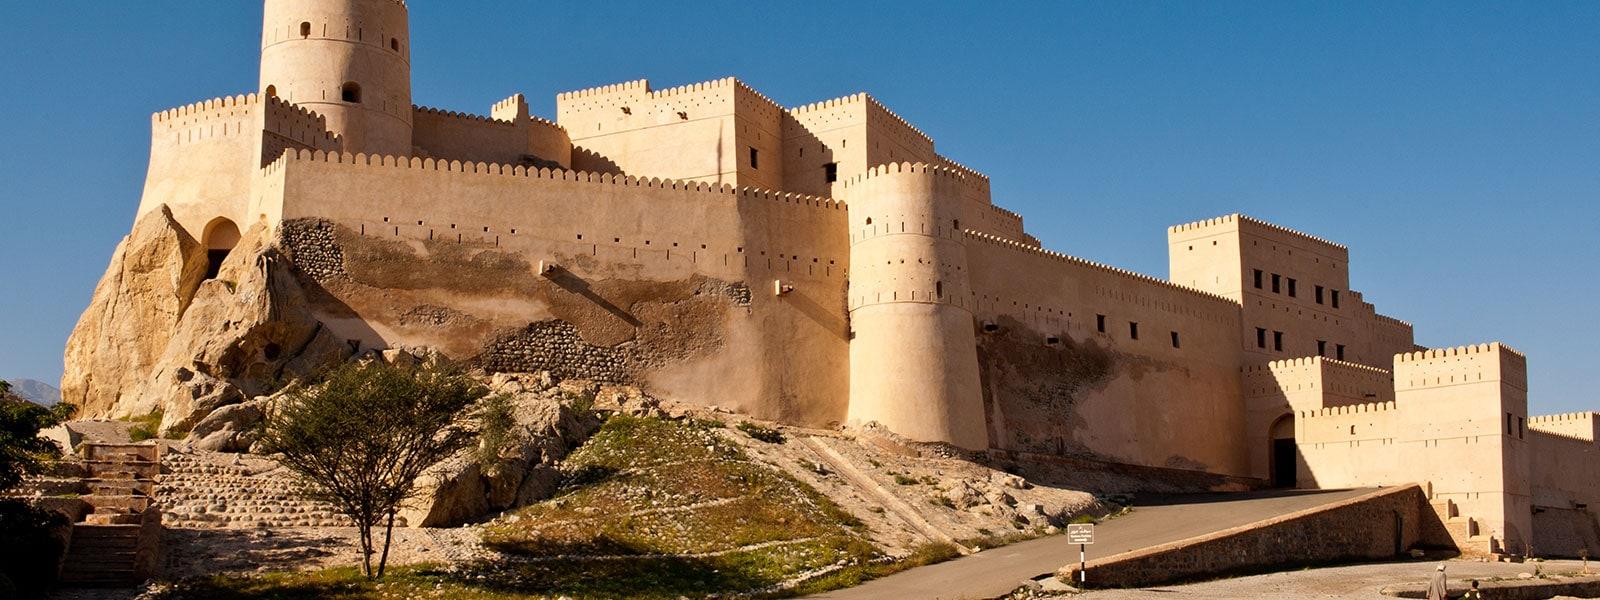 Nakhal Fort Al Batinah